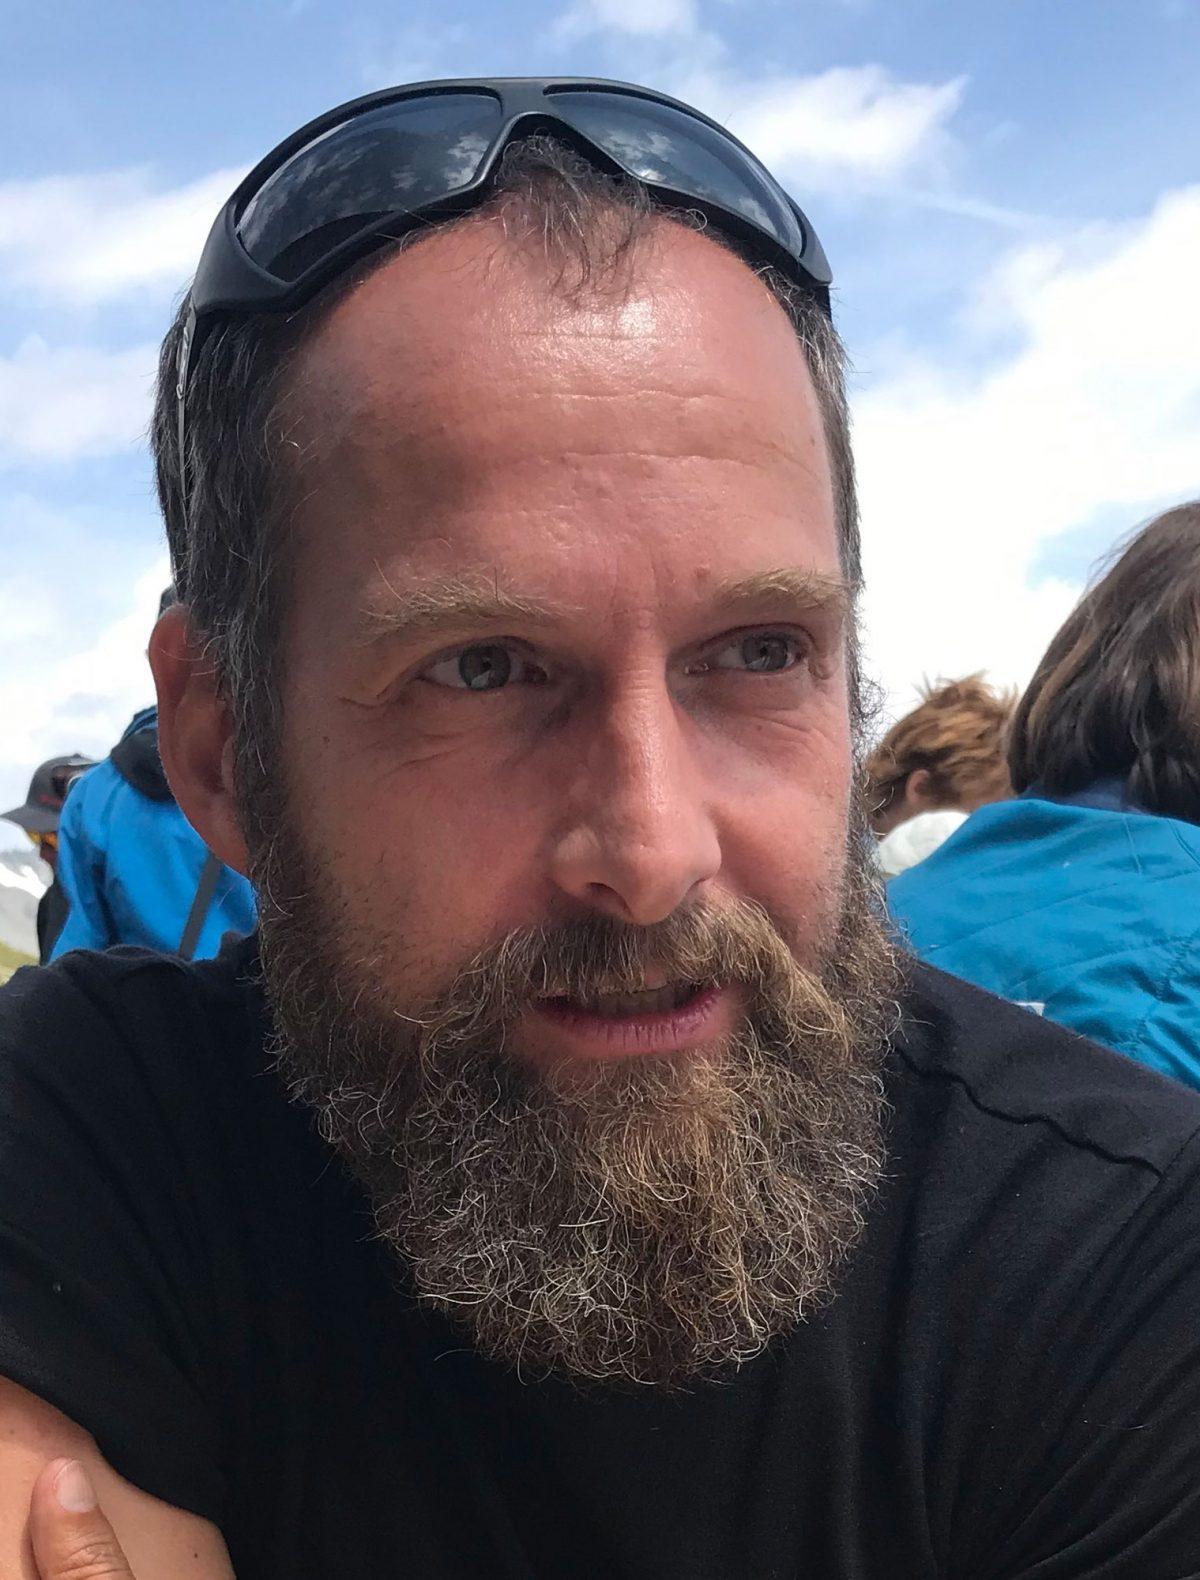 Robert Kolbitsch, Ressortleiter Hütten und Weg des Deutschen Alpenvereins, setzt sich für eine offensive Herangehensweise in Sachen Bettwanzen ein. © Christina Schwann I bergundsteigen.blog